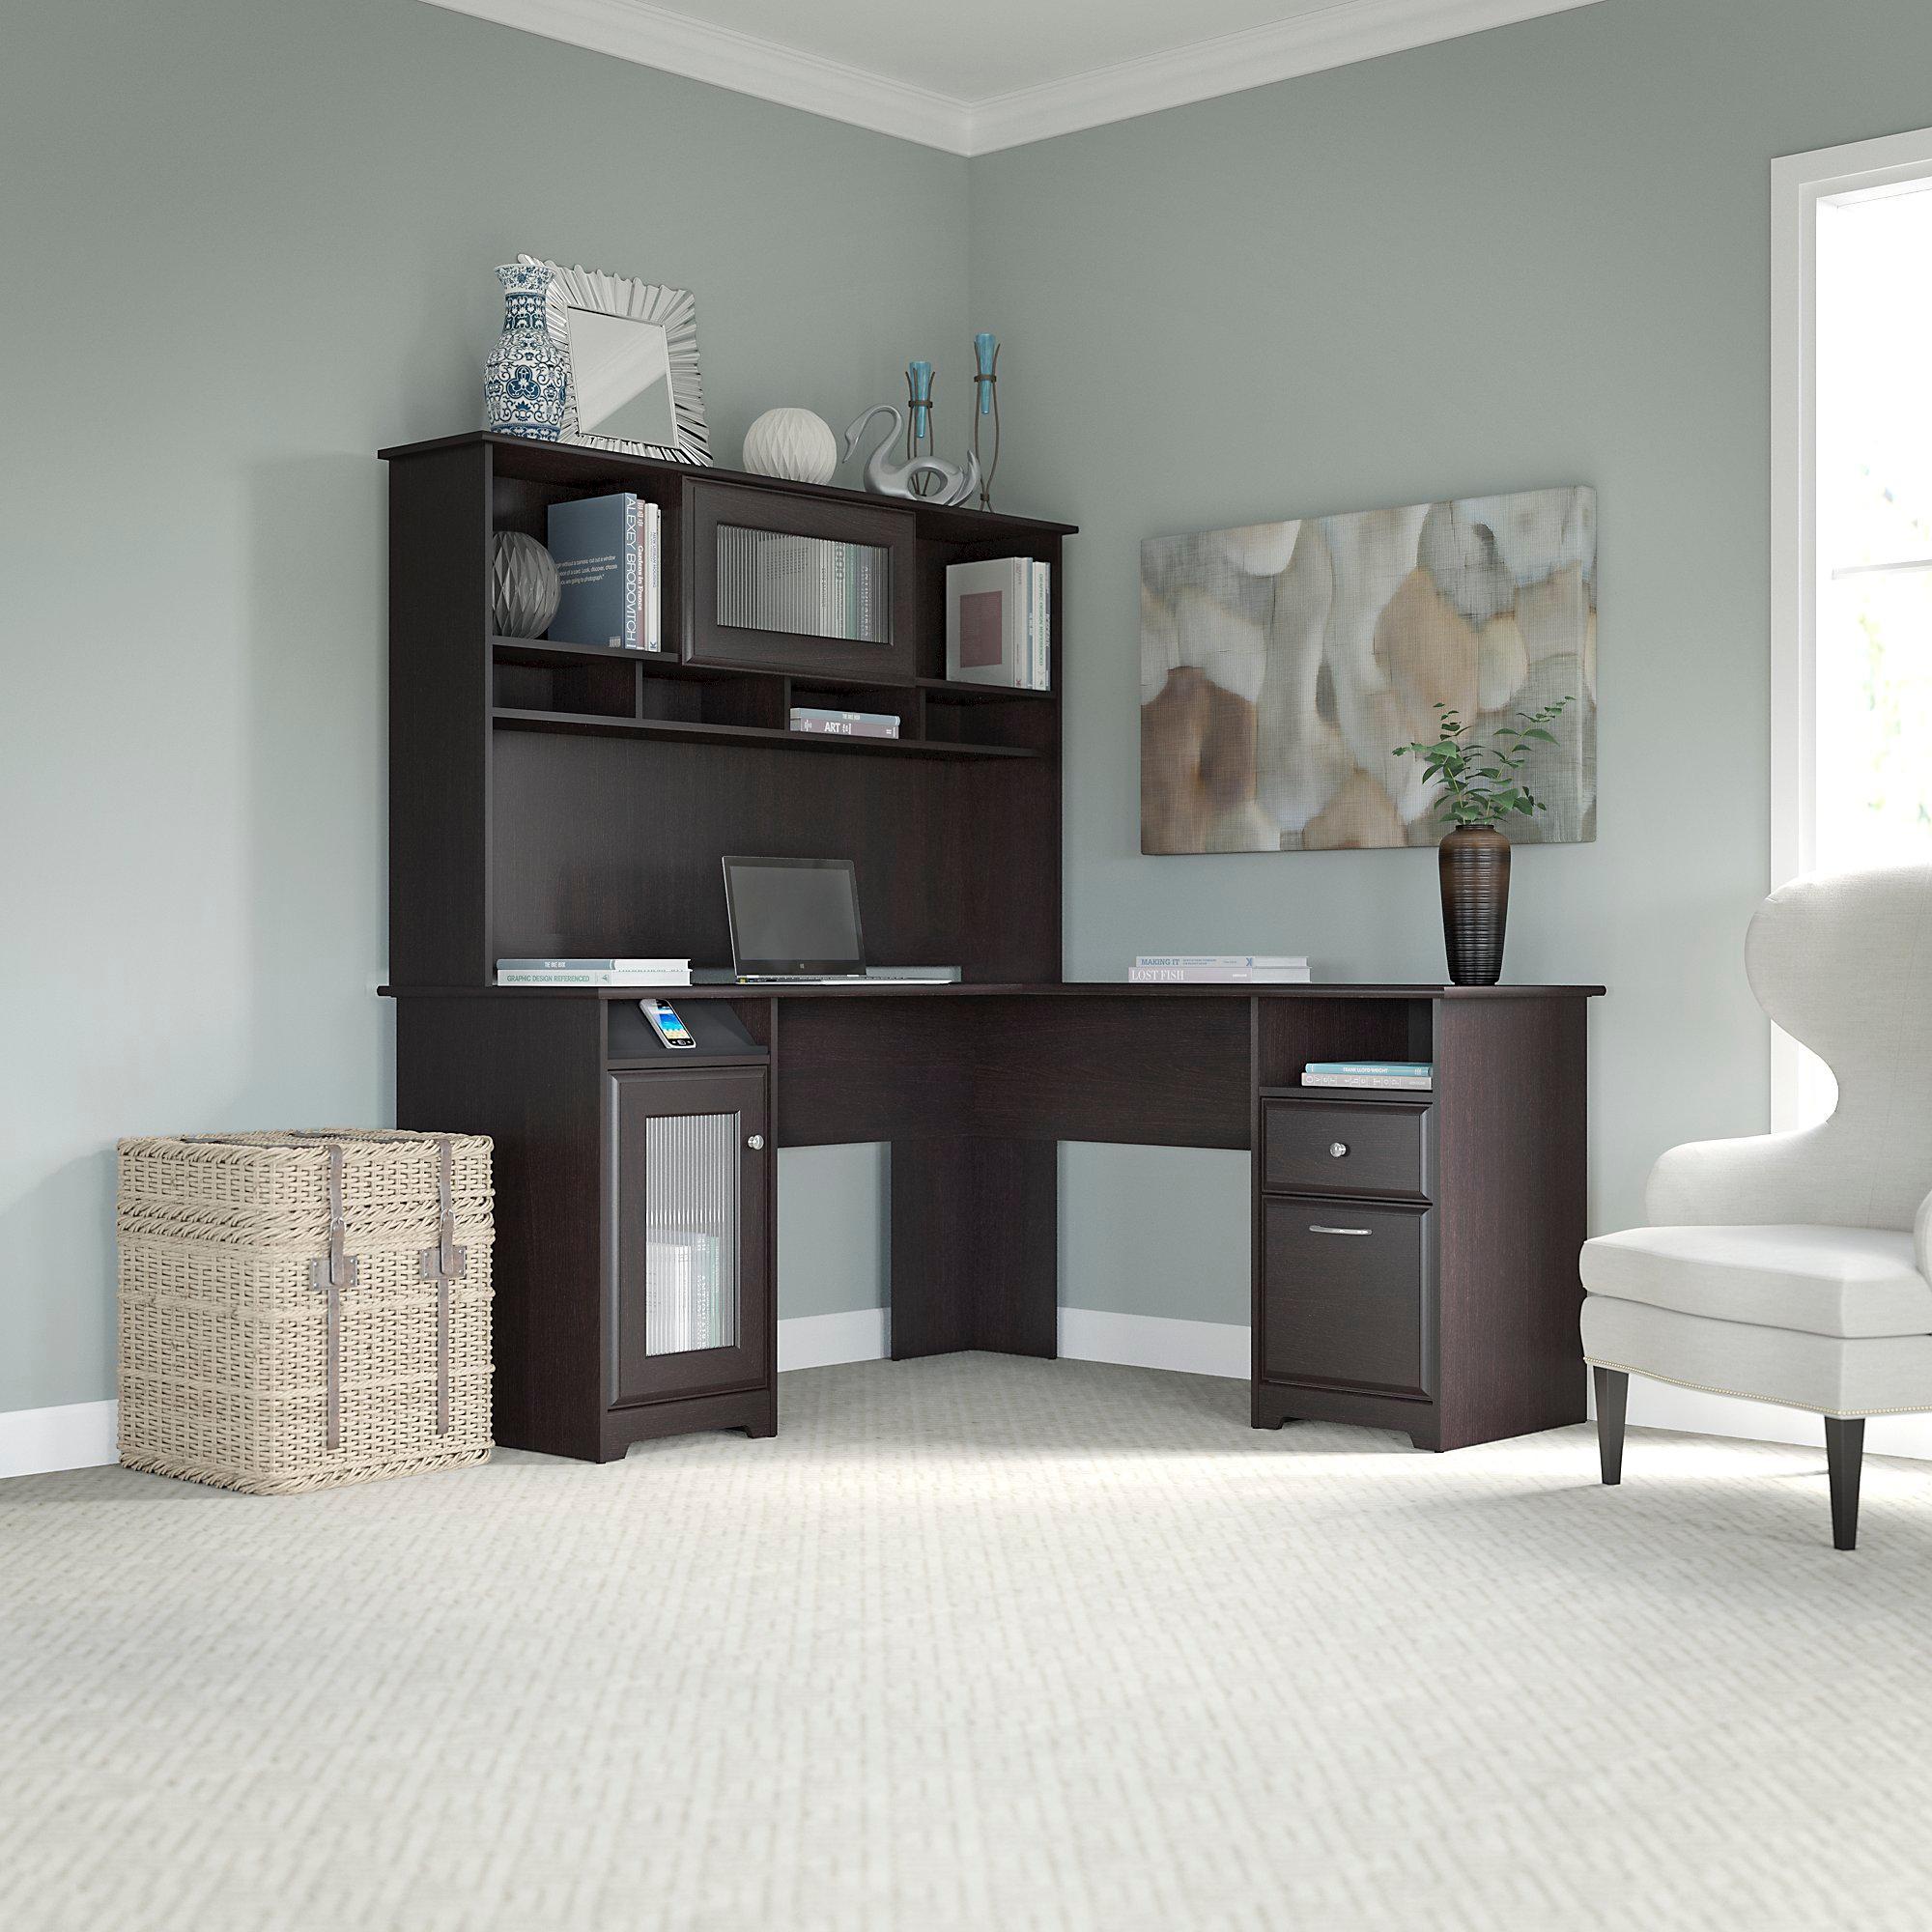 Amazon.com: Bush Furniture Cabot L Shaped Desk With Hutch